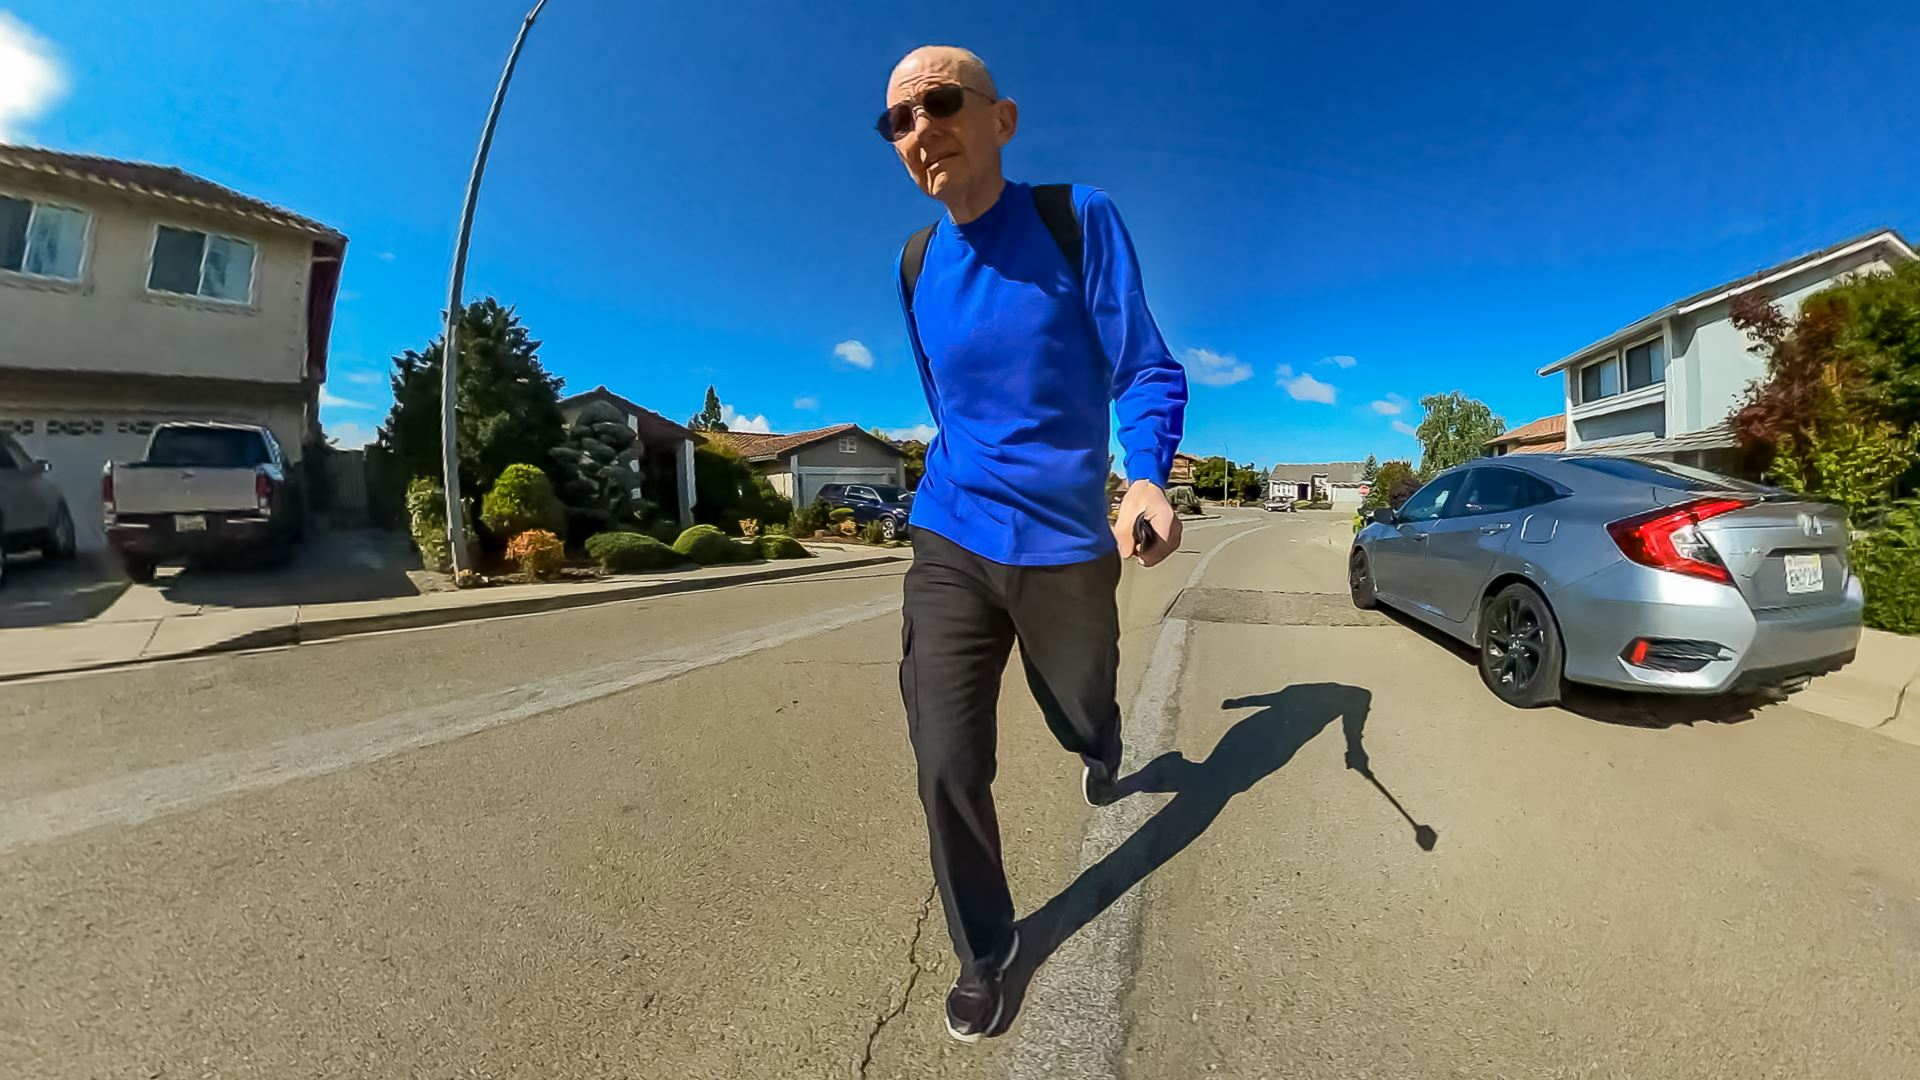 neighborhood-walk-2020-06-13-0002